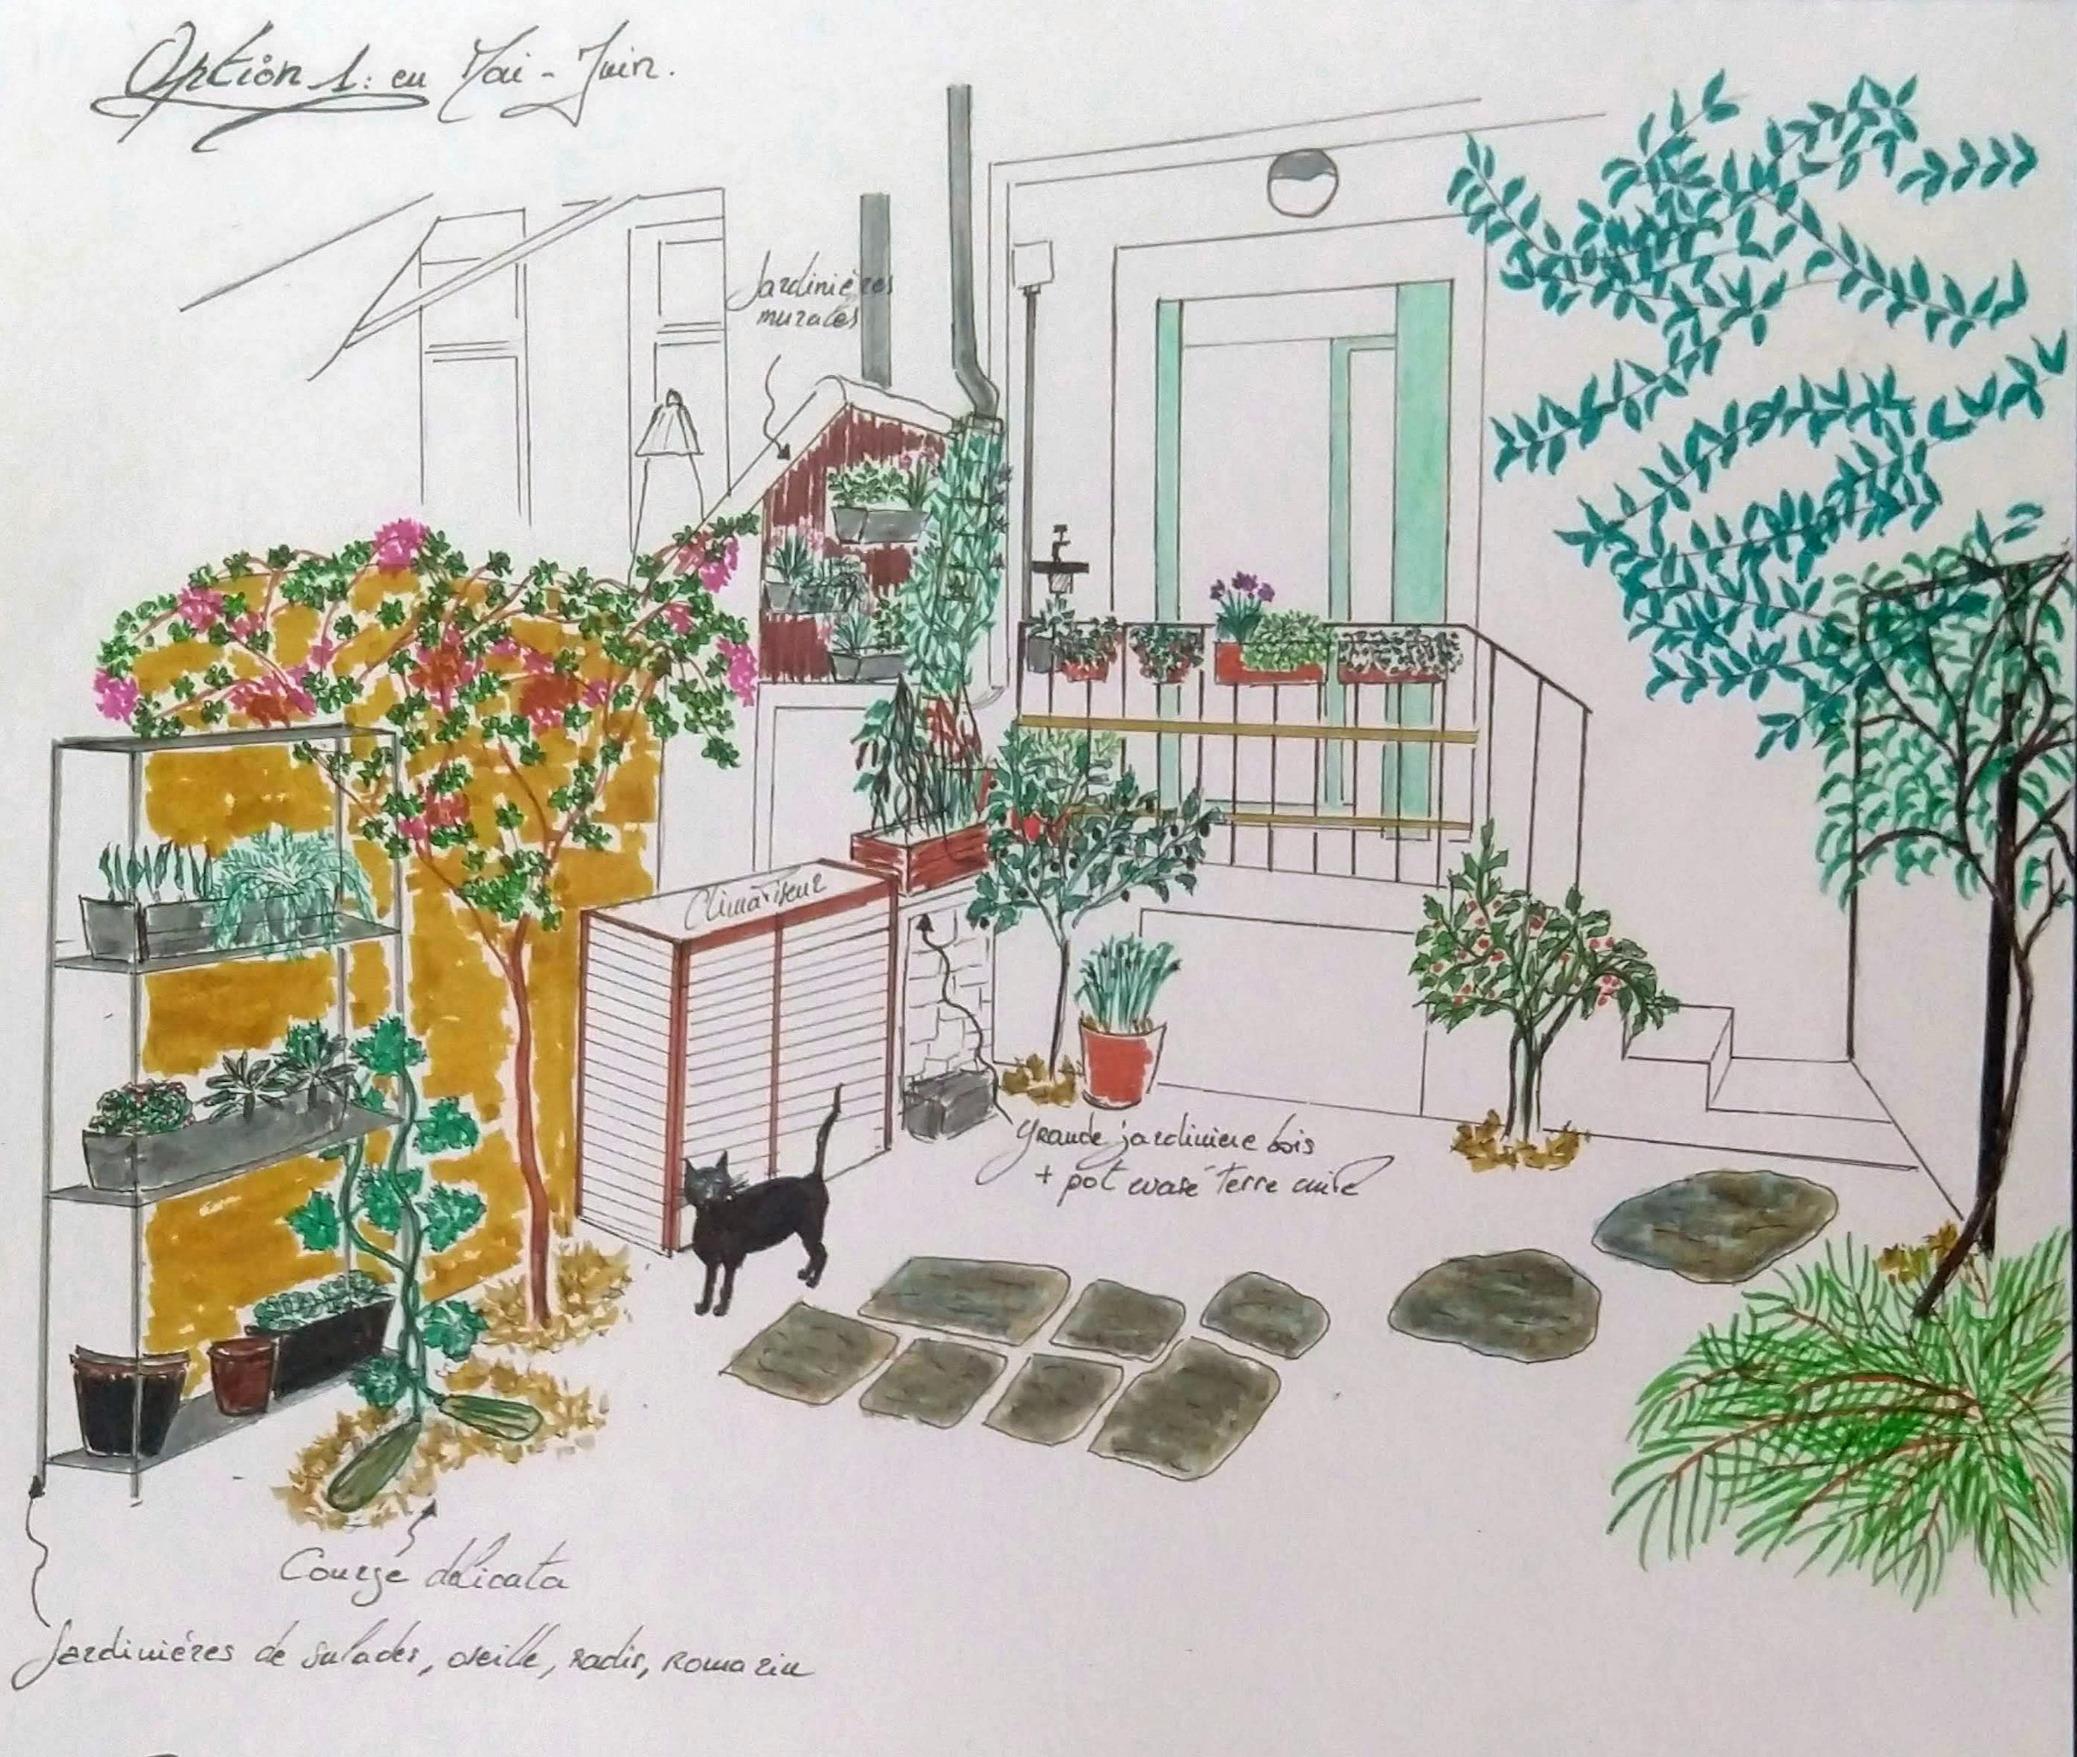 Proposition d'amenagement paysager pour un petit jardin urbain